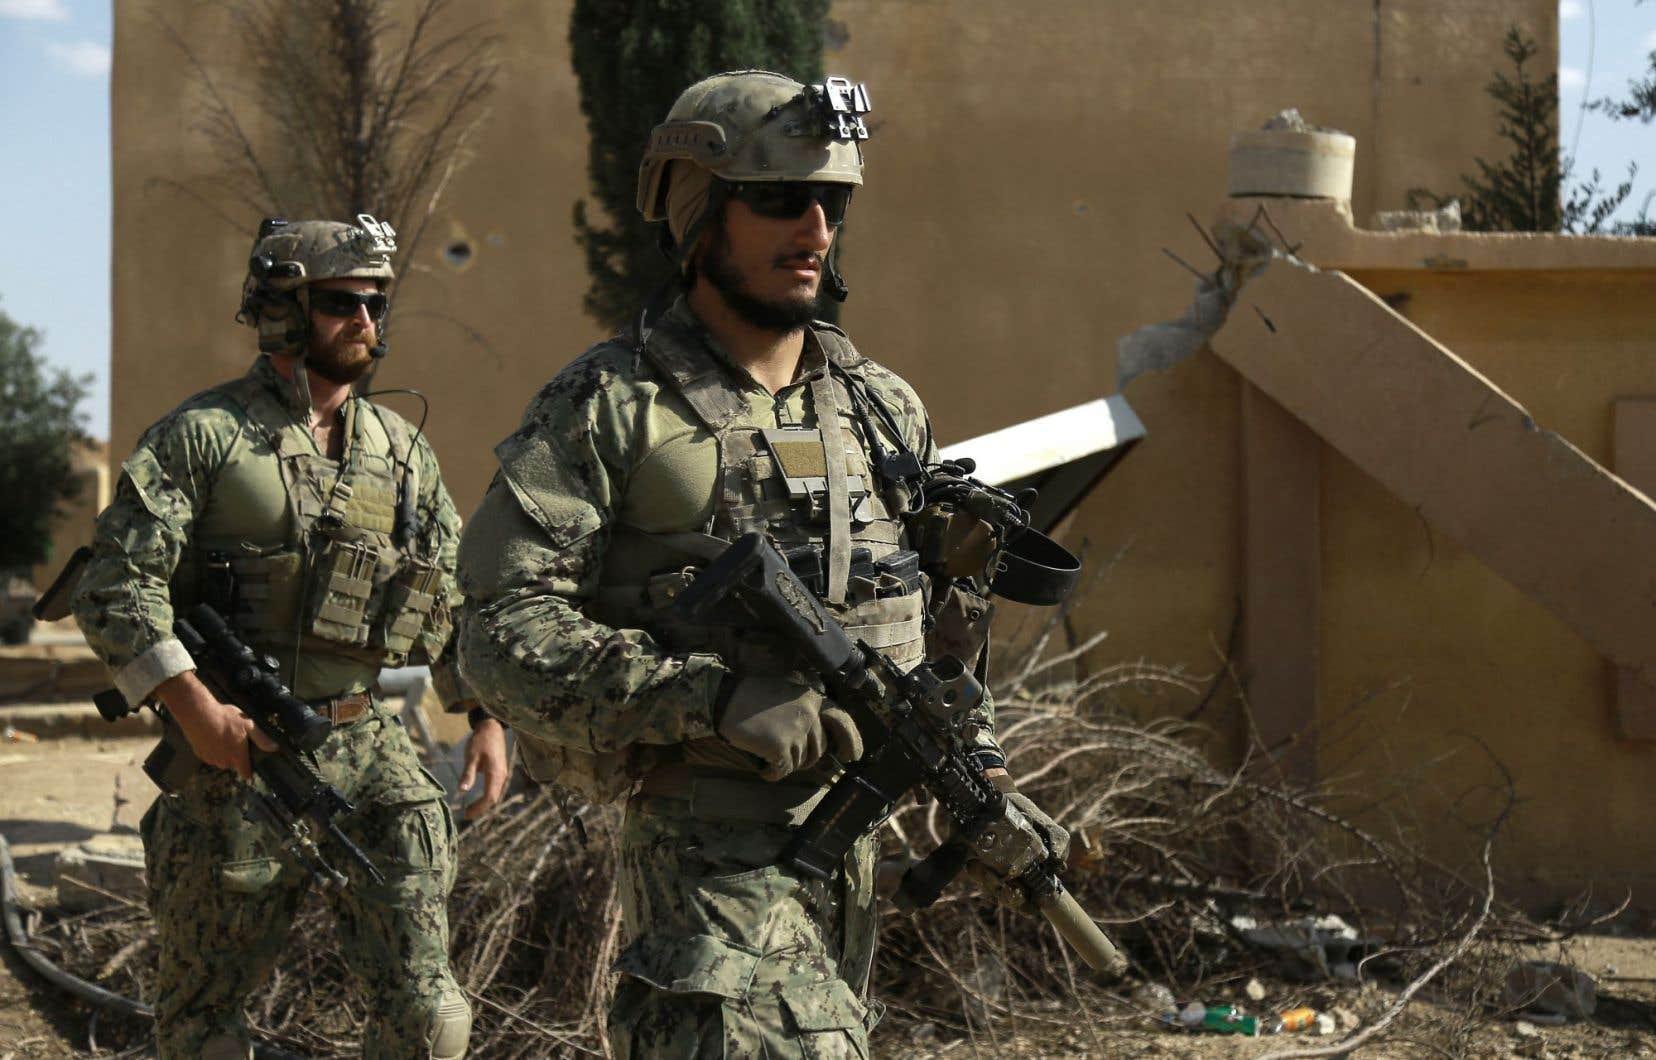 Des hommes armés identifiés comme des forces spéciales américaines patrouillent dans la ville de Fatisah dans le nord de la Syrie, le 25 mai 2016.